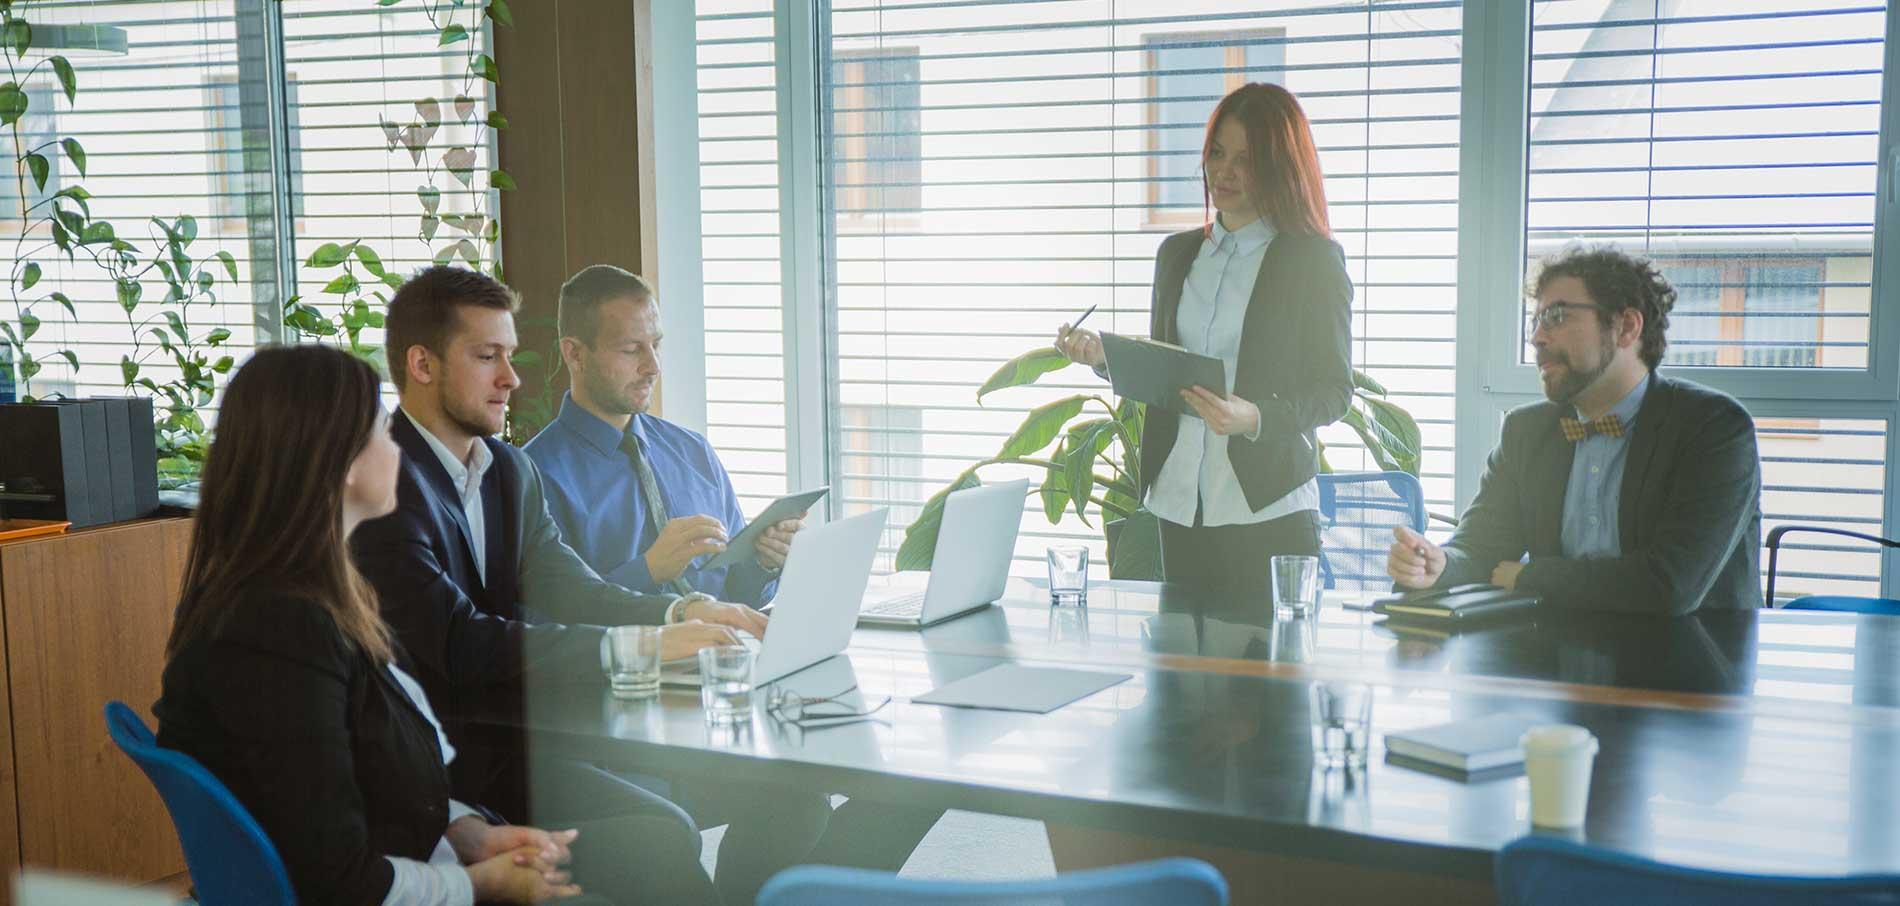 Mua Office 365 bản quyền giá tốt nhất từ nhà cung cấp chính hãng